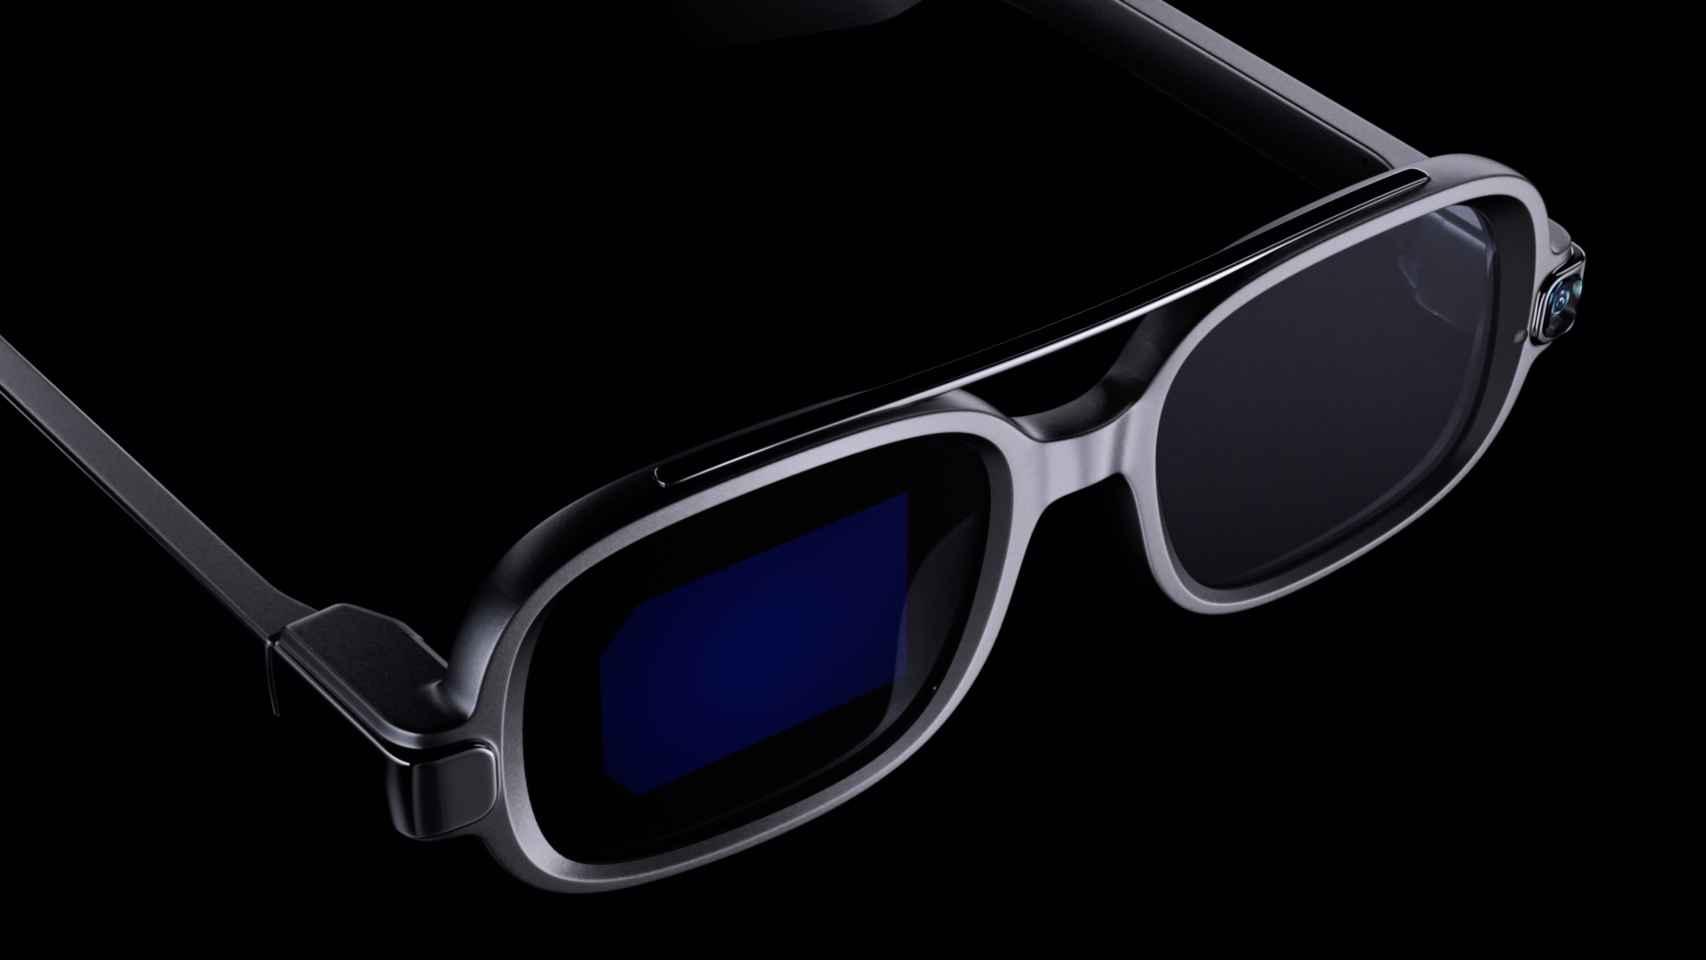 Xiaomi lanza sus gafas inteligentes: información sobre el cristal y sólo 51 gramos